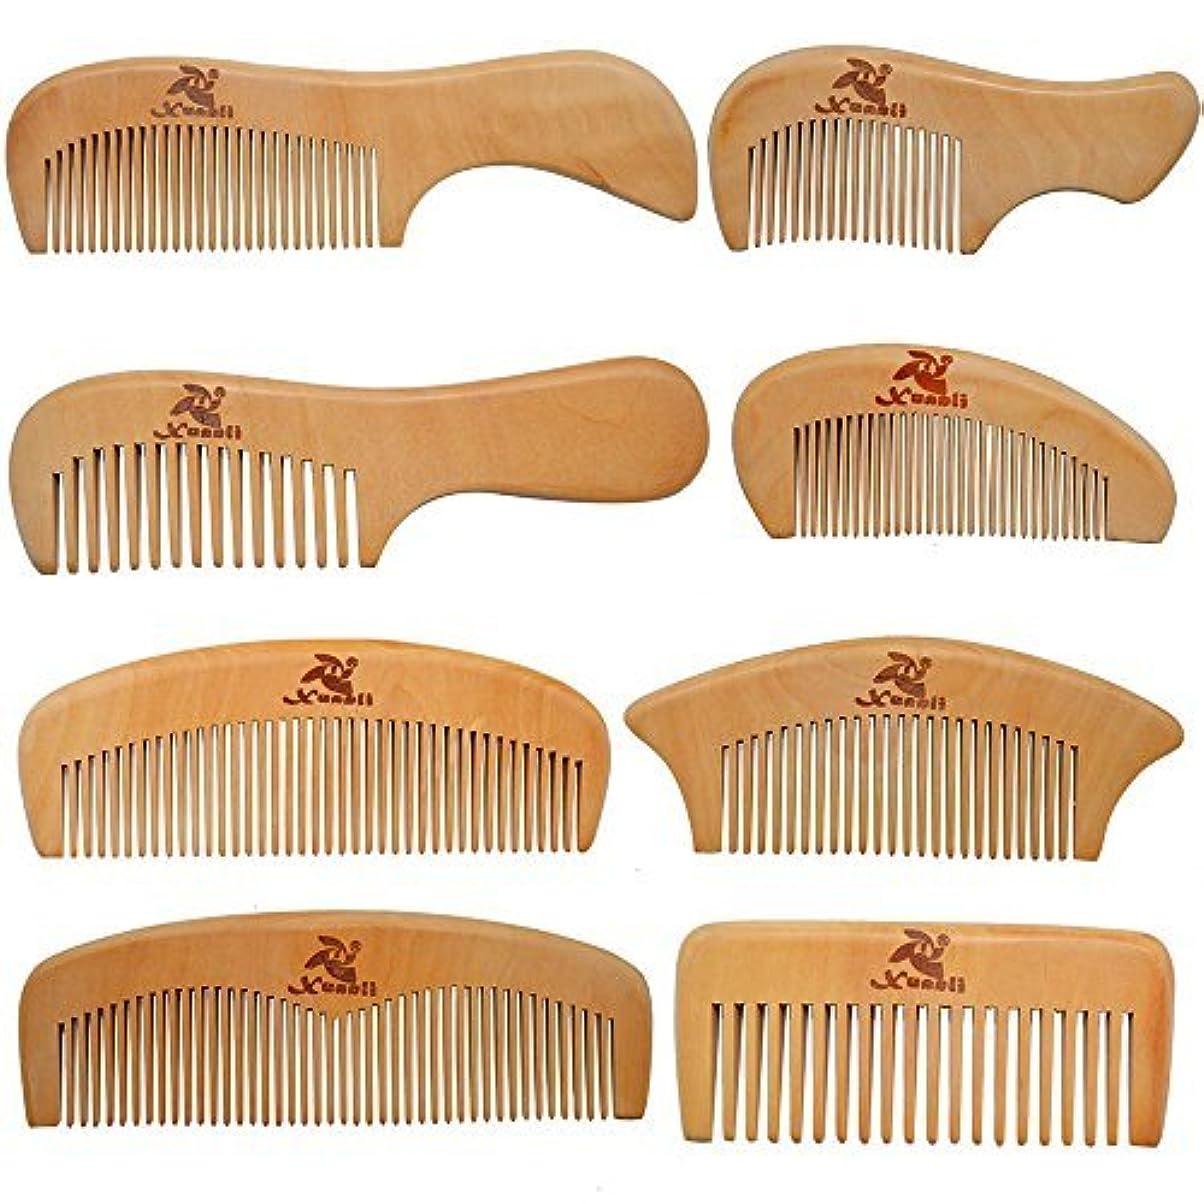 献身エンドウアコーXuanli 8 Pcs The Family Of Hair Comb set - Wood with Anti-Static & No Snag Handmade Brush for Beard, Head Hair...